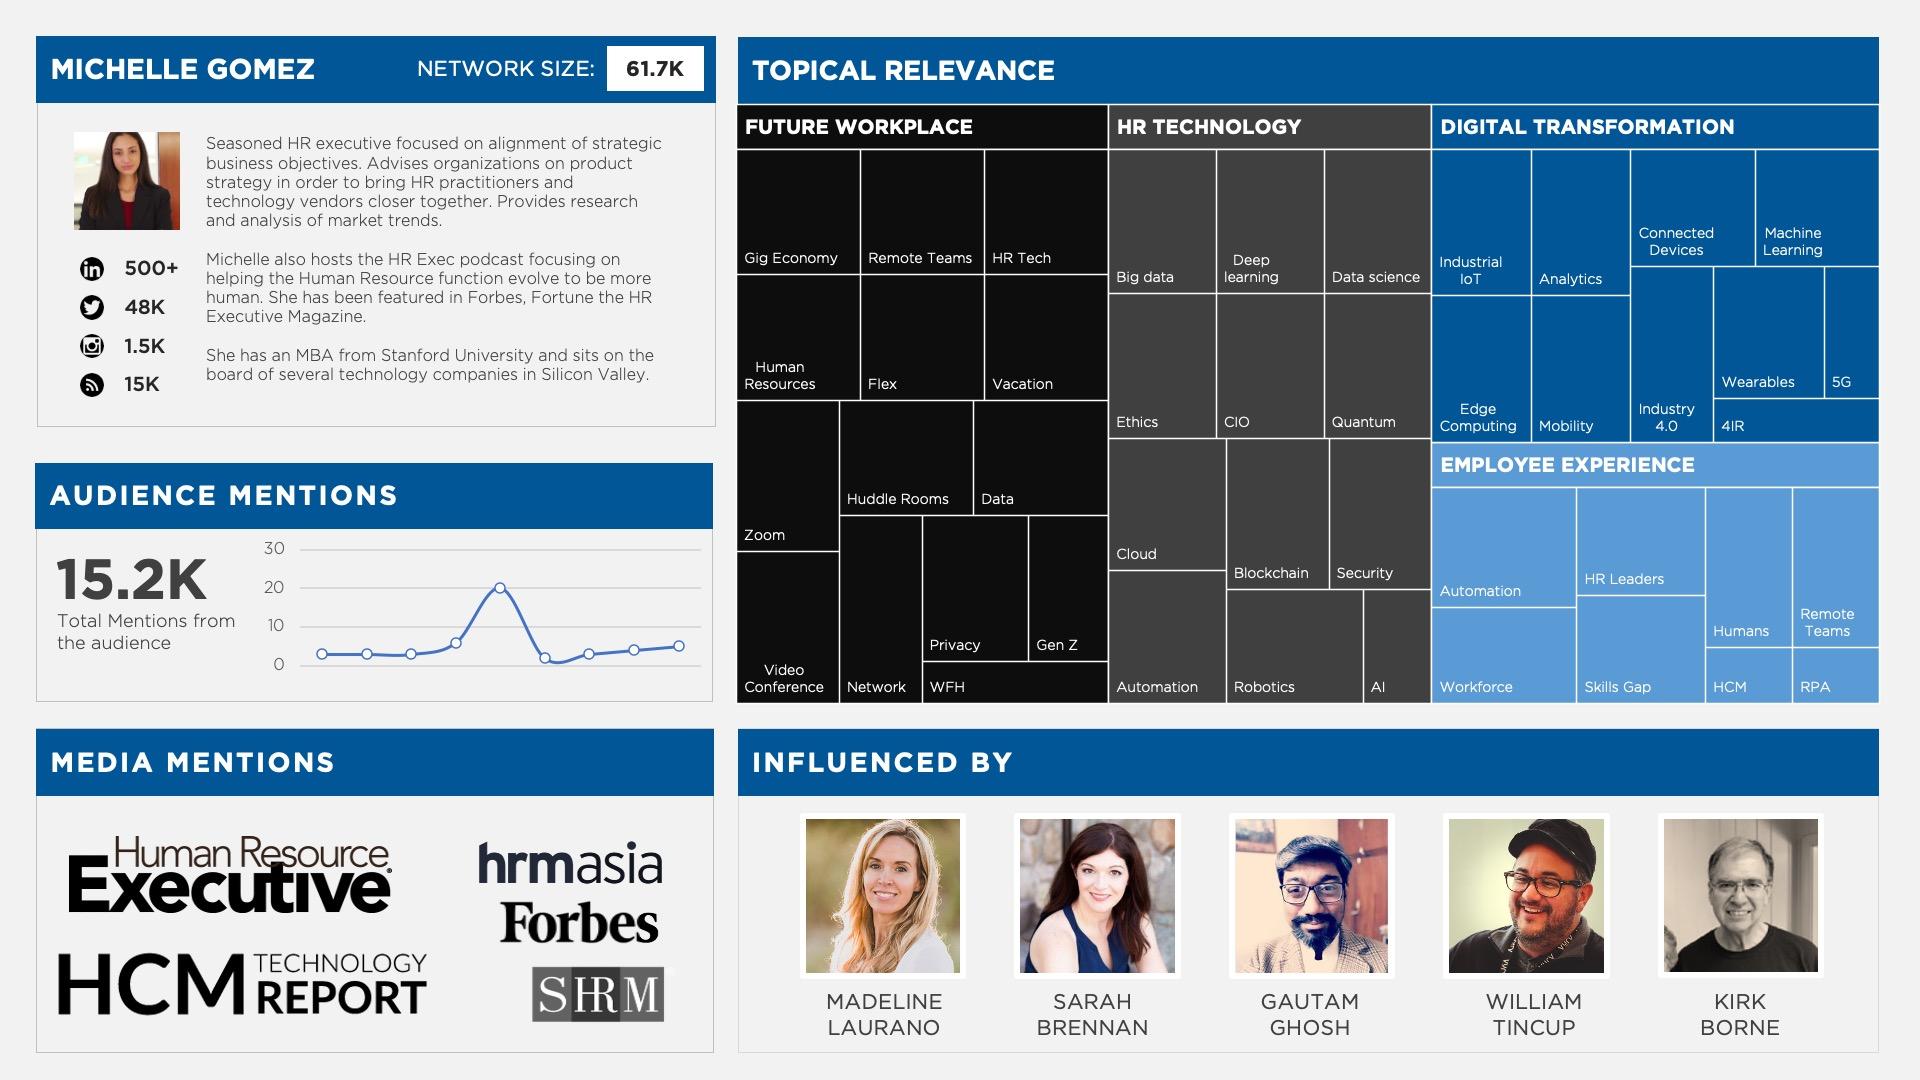 Influencer Profiles